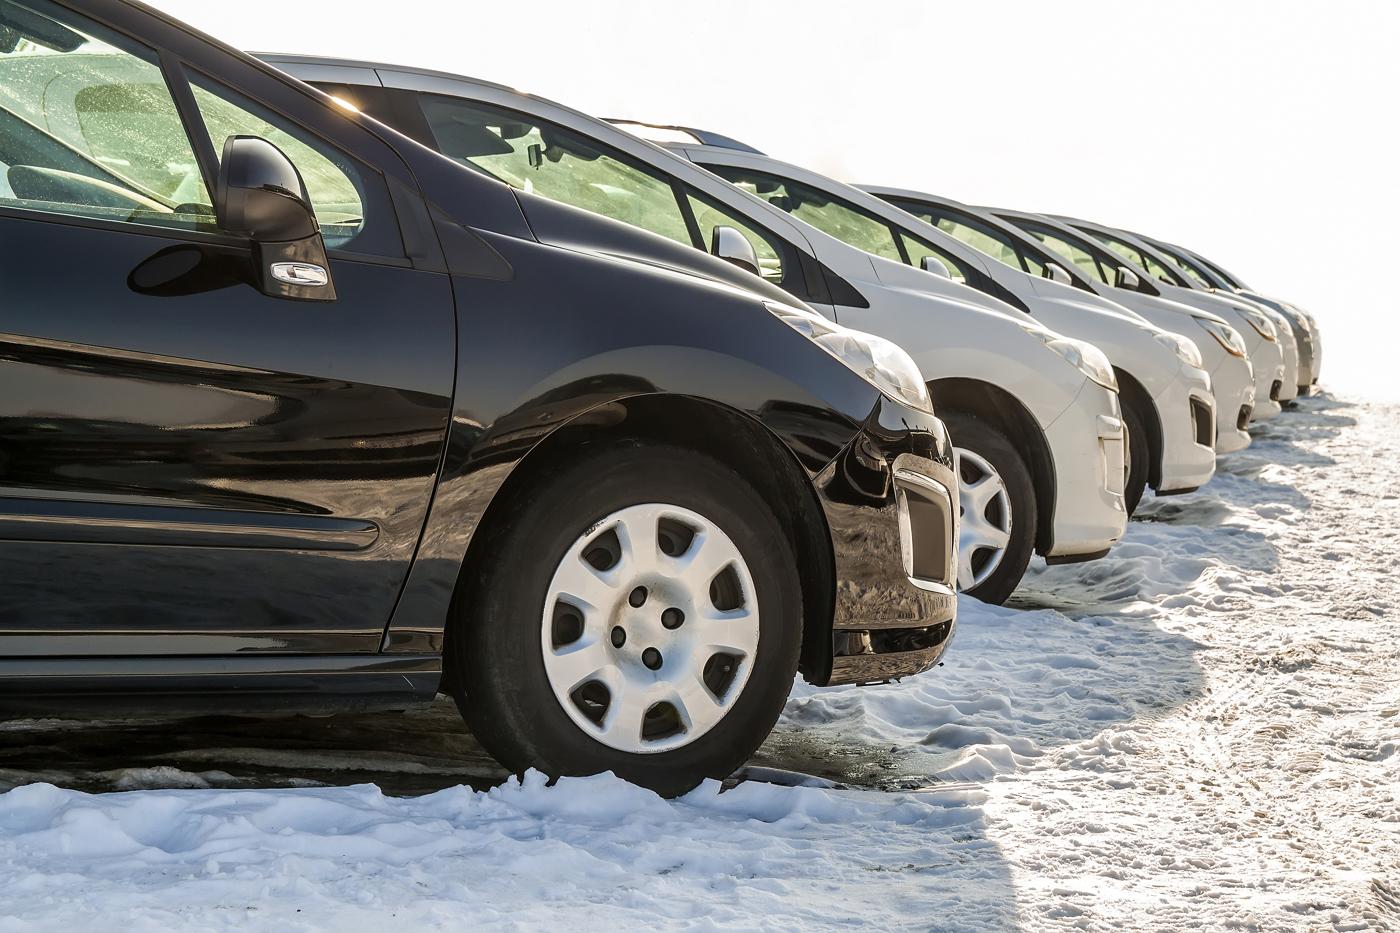 Automobile stocks, car stocks news and analysis